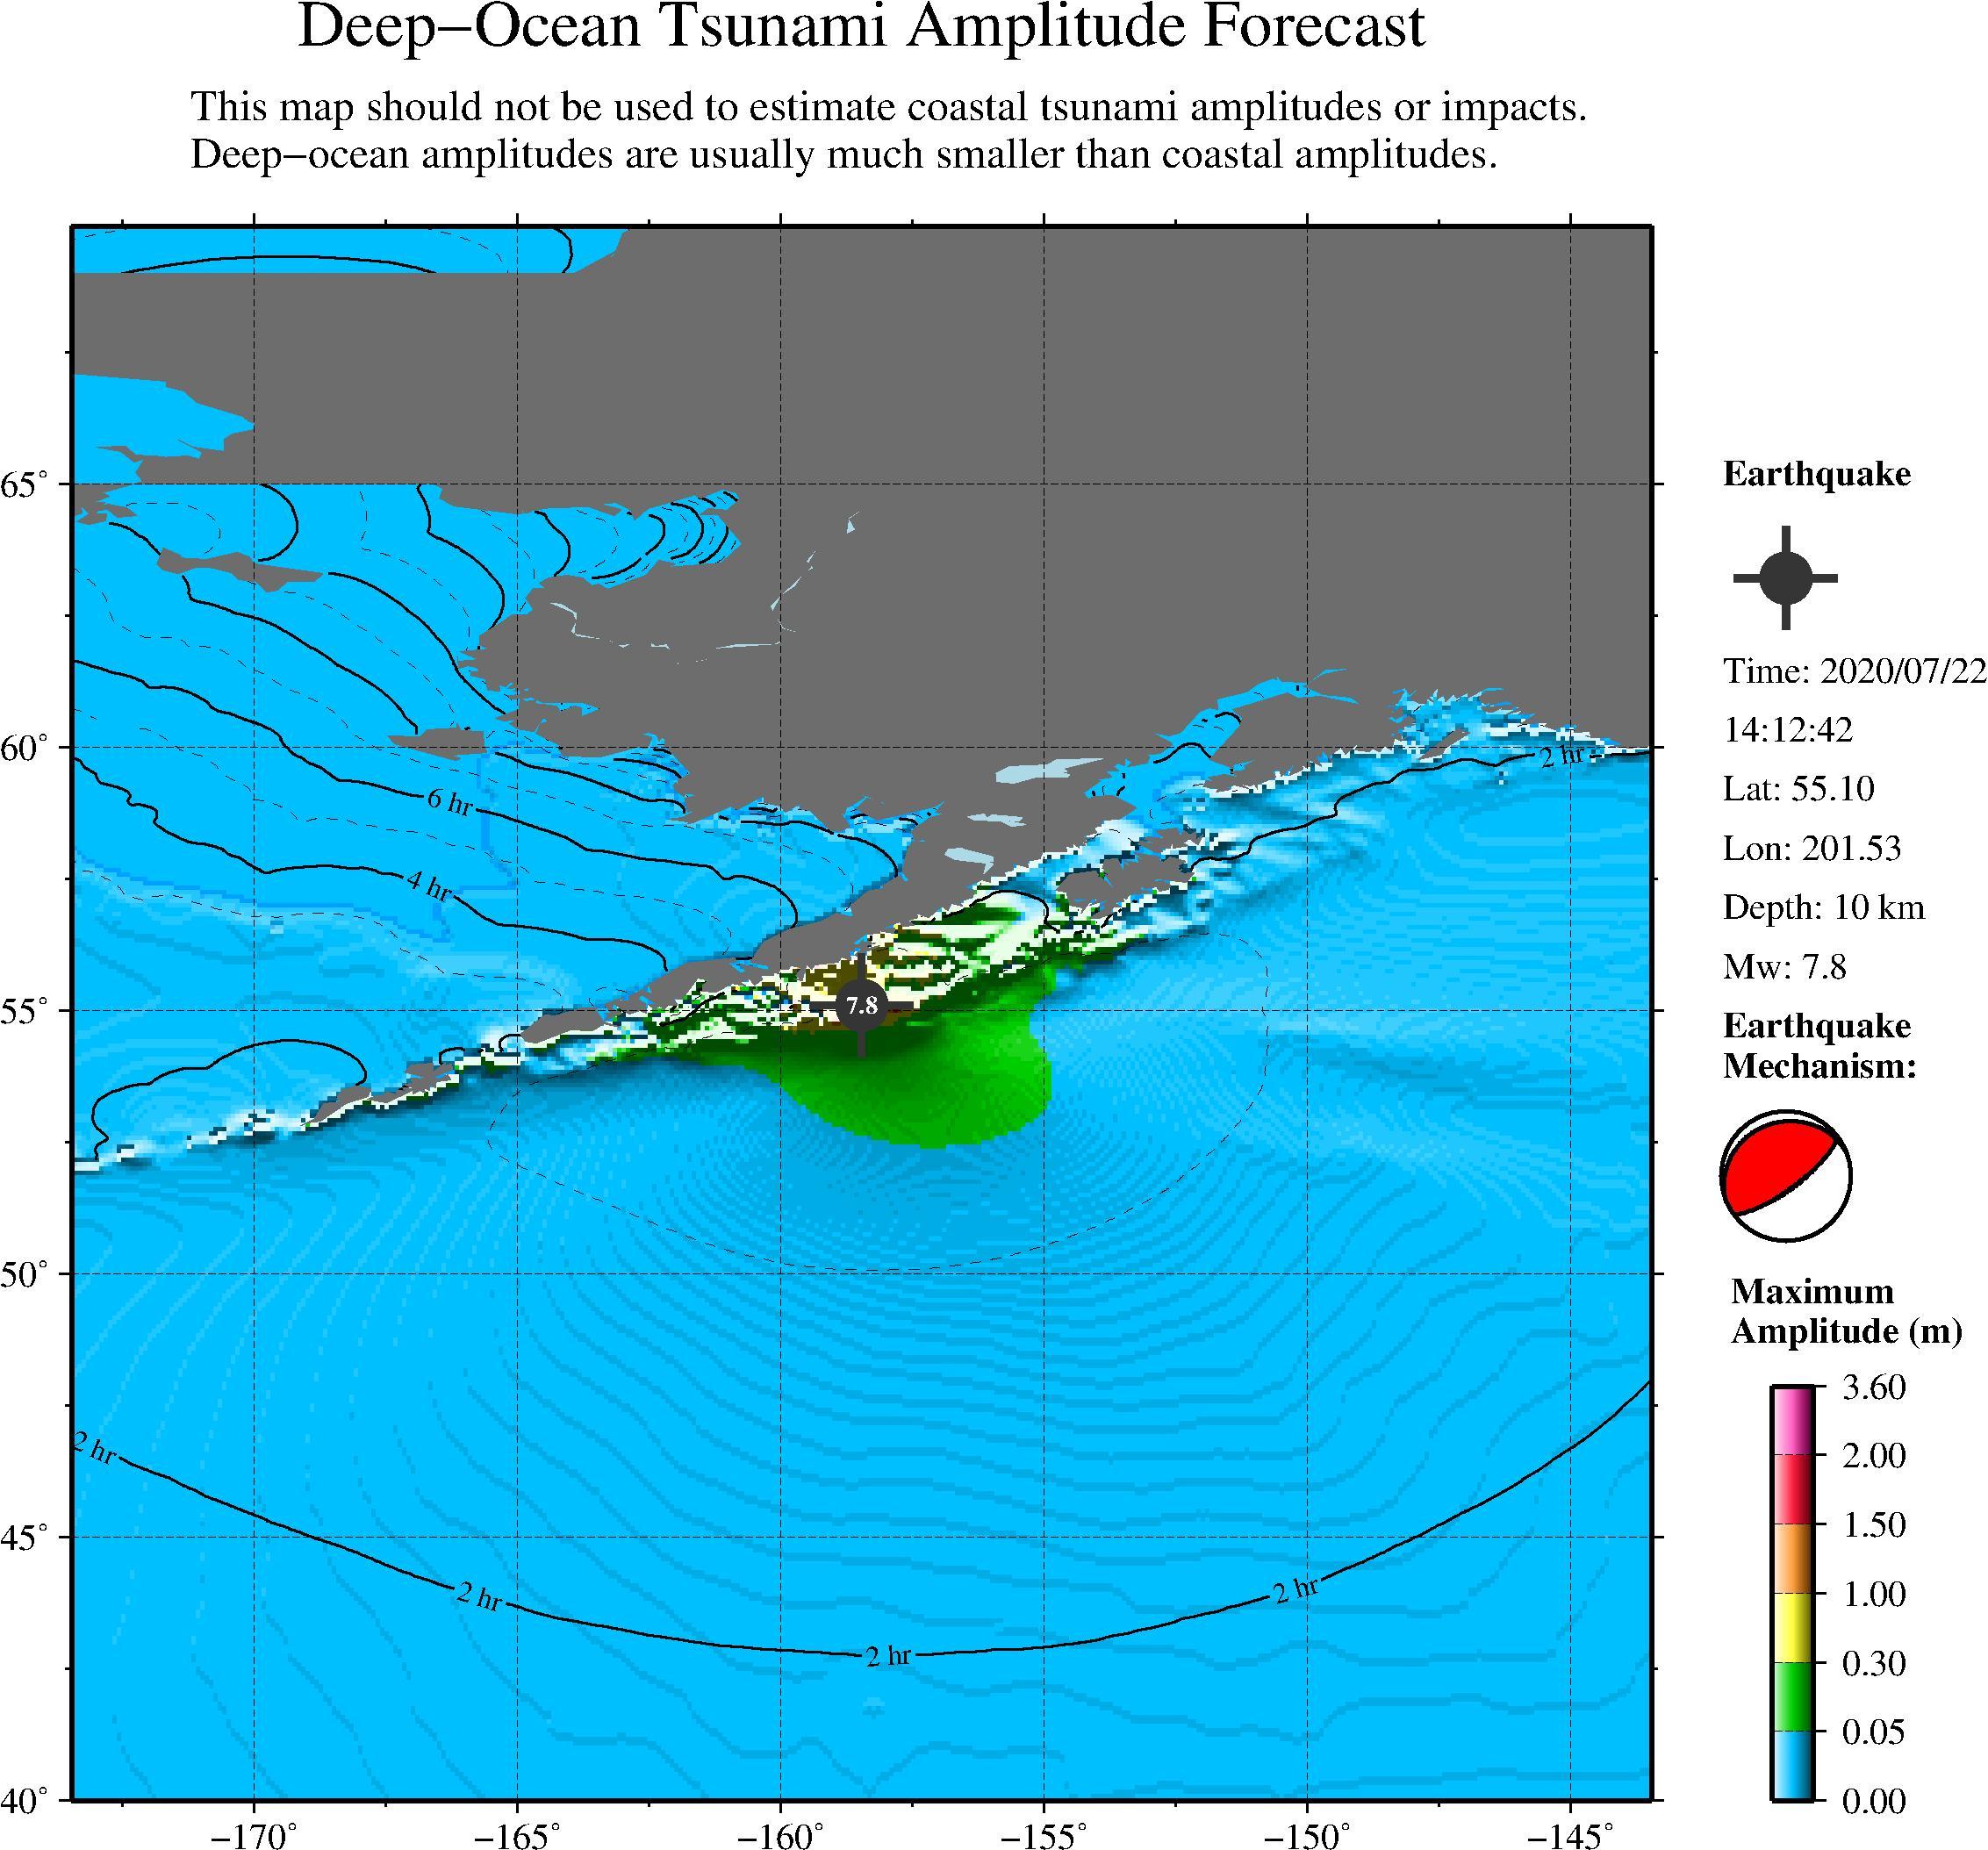 美国阿拉斯加半岛海域地震已经海啸 不会对我国沿岸造成灾害性影响 第1张